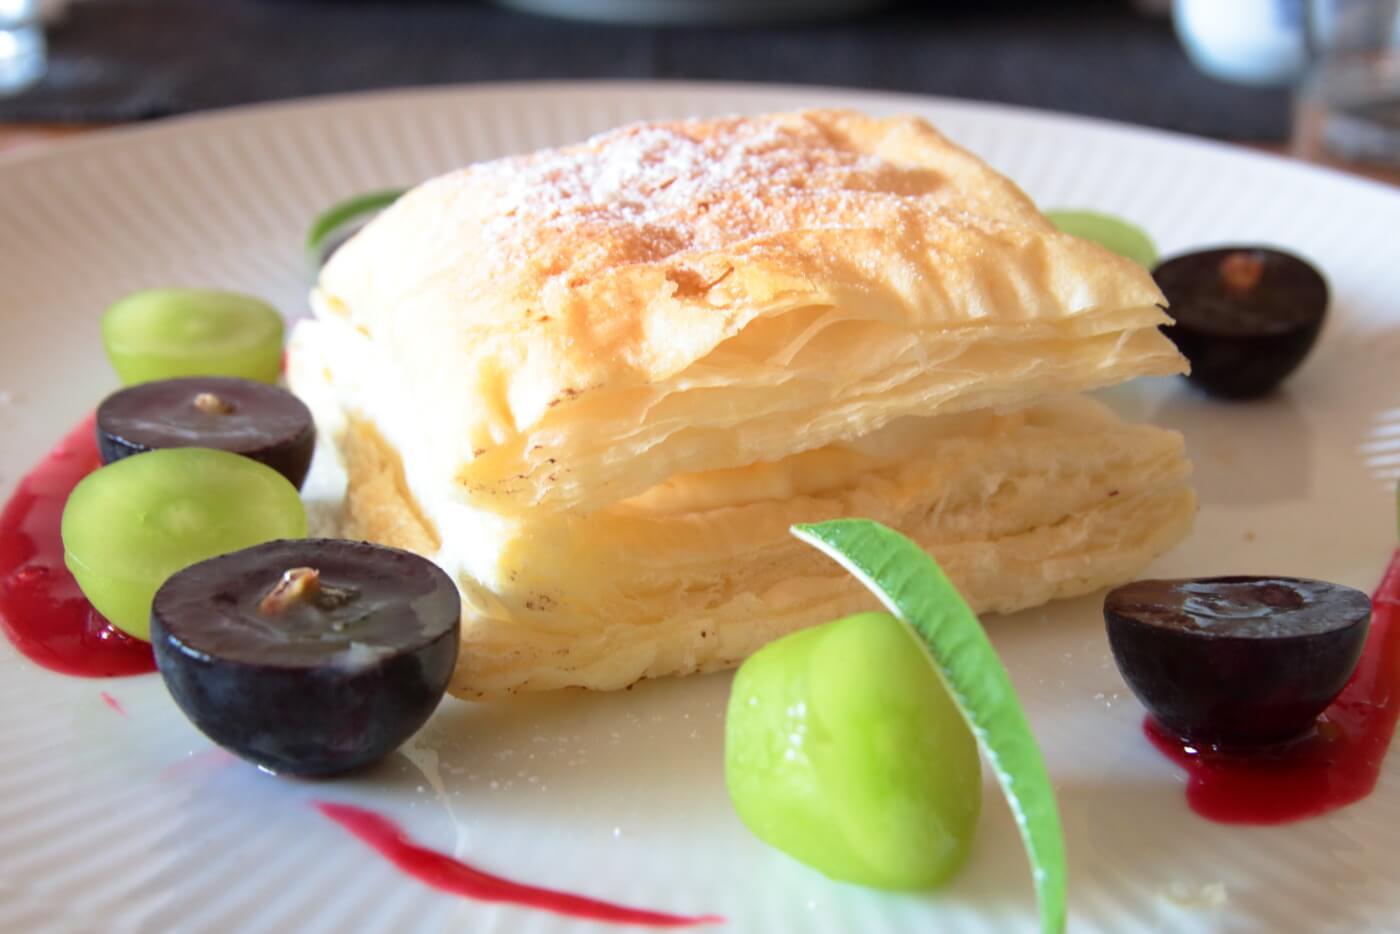 クッチーナ・サクラのランチ デザートのスイーツ